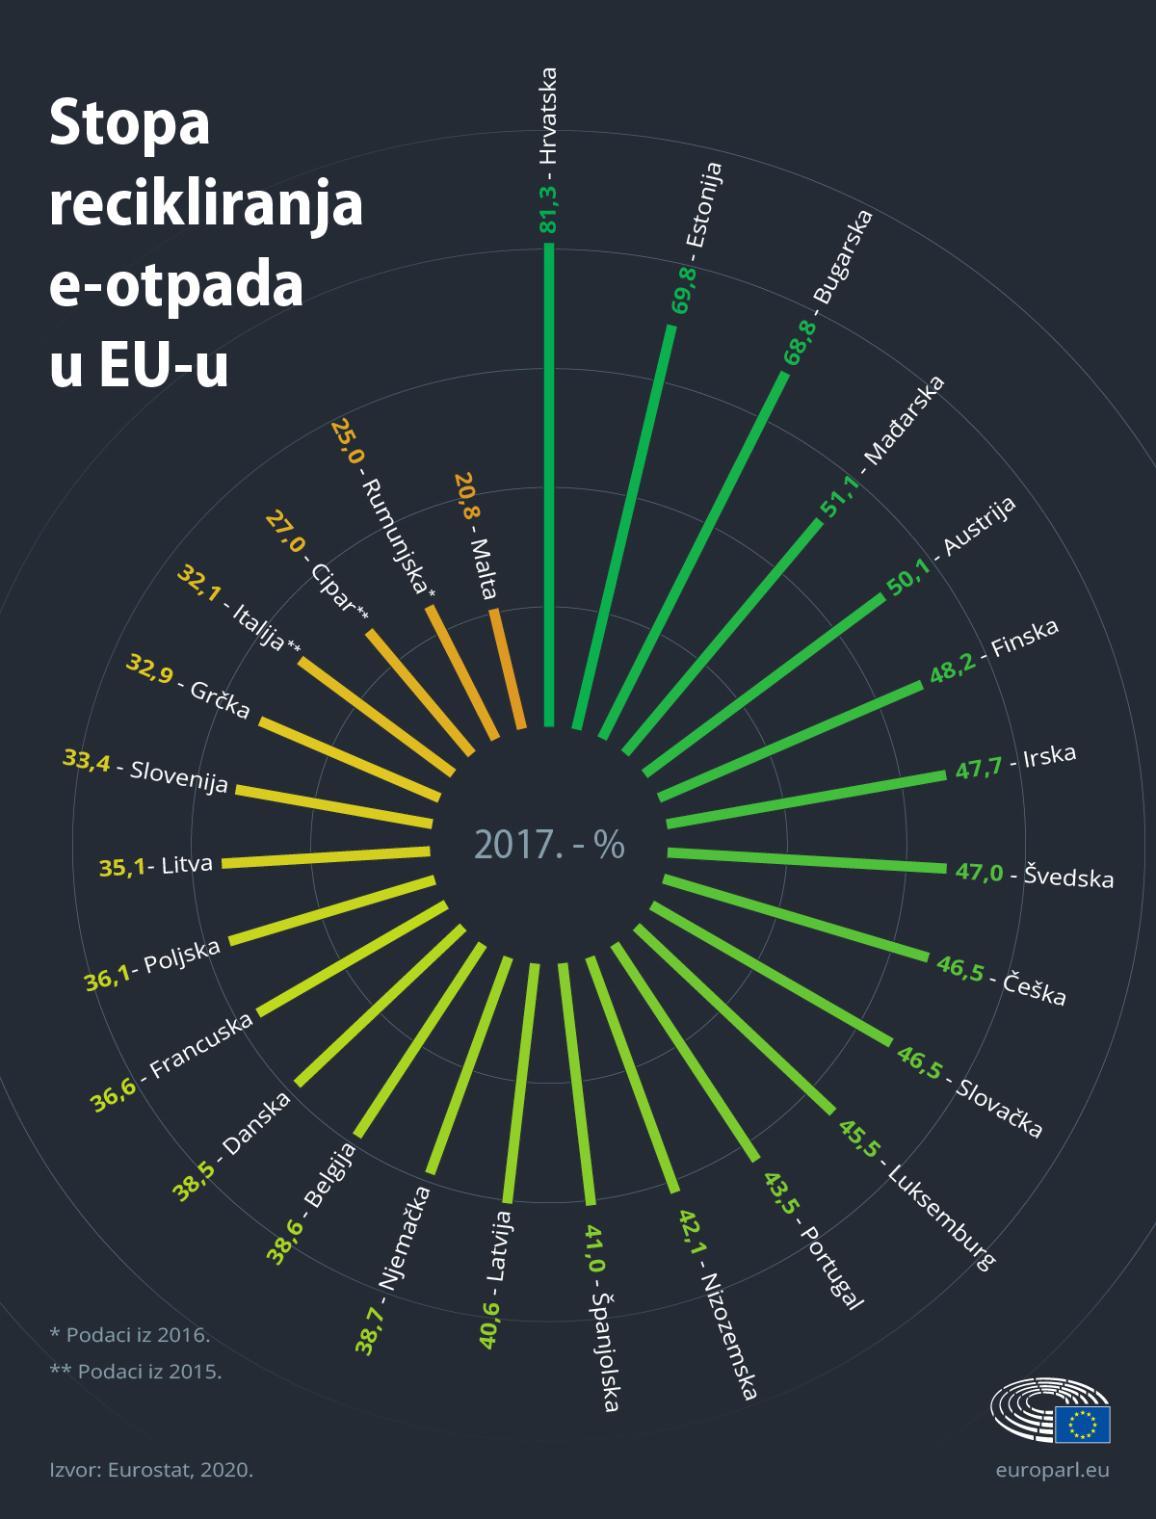 Infografika koja prikazuje stopu recikliranja e-otpada po državama članicama EU-a